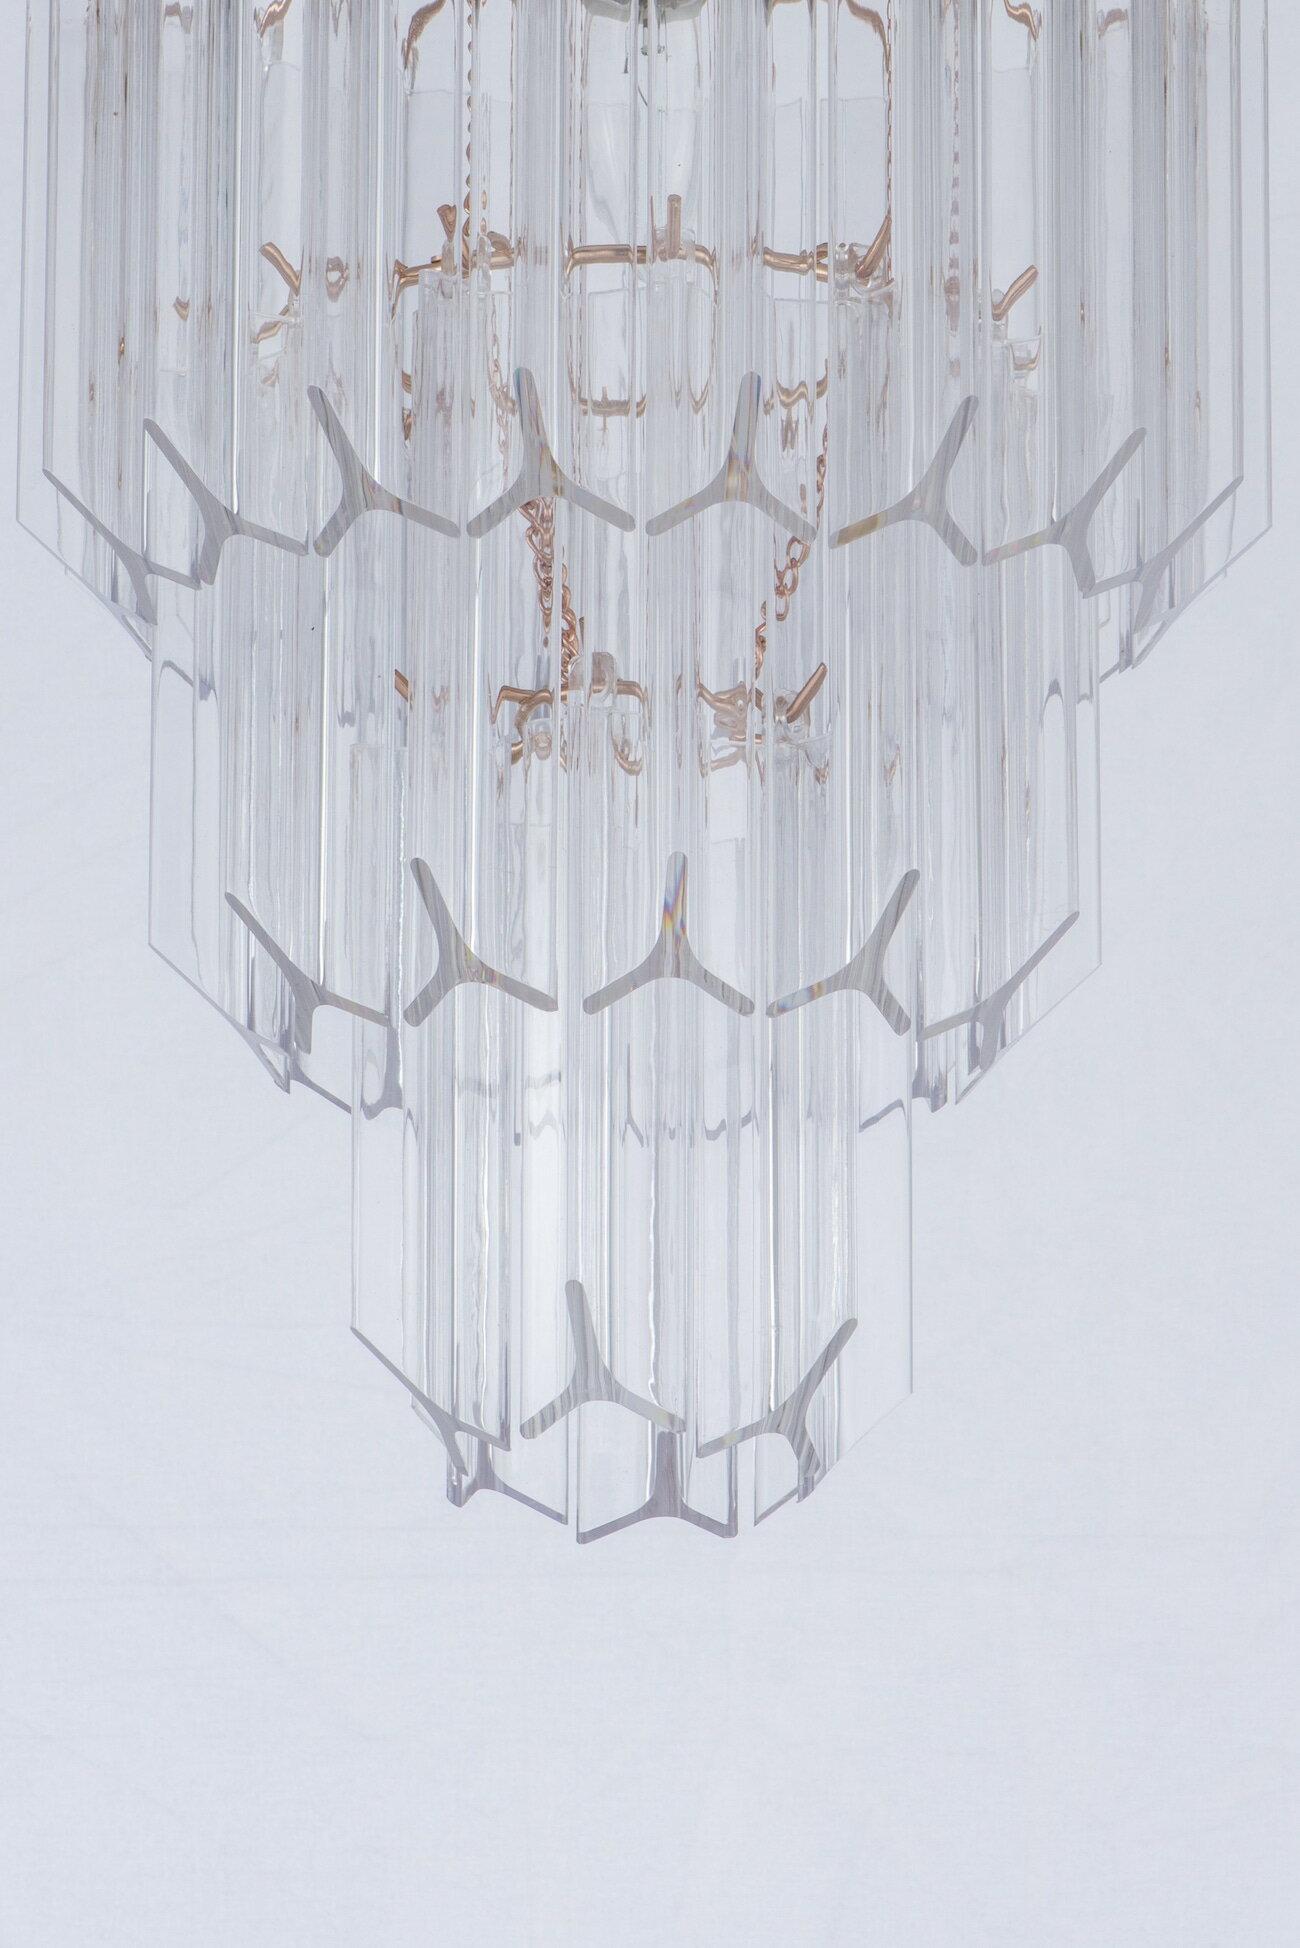 法國金透明壓克立吊燈-BNL00067 1